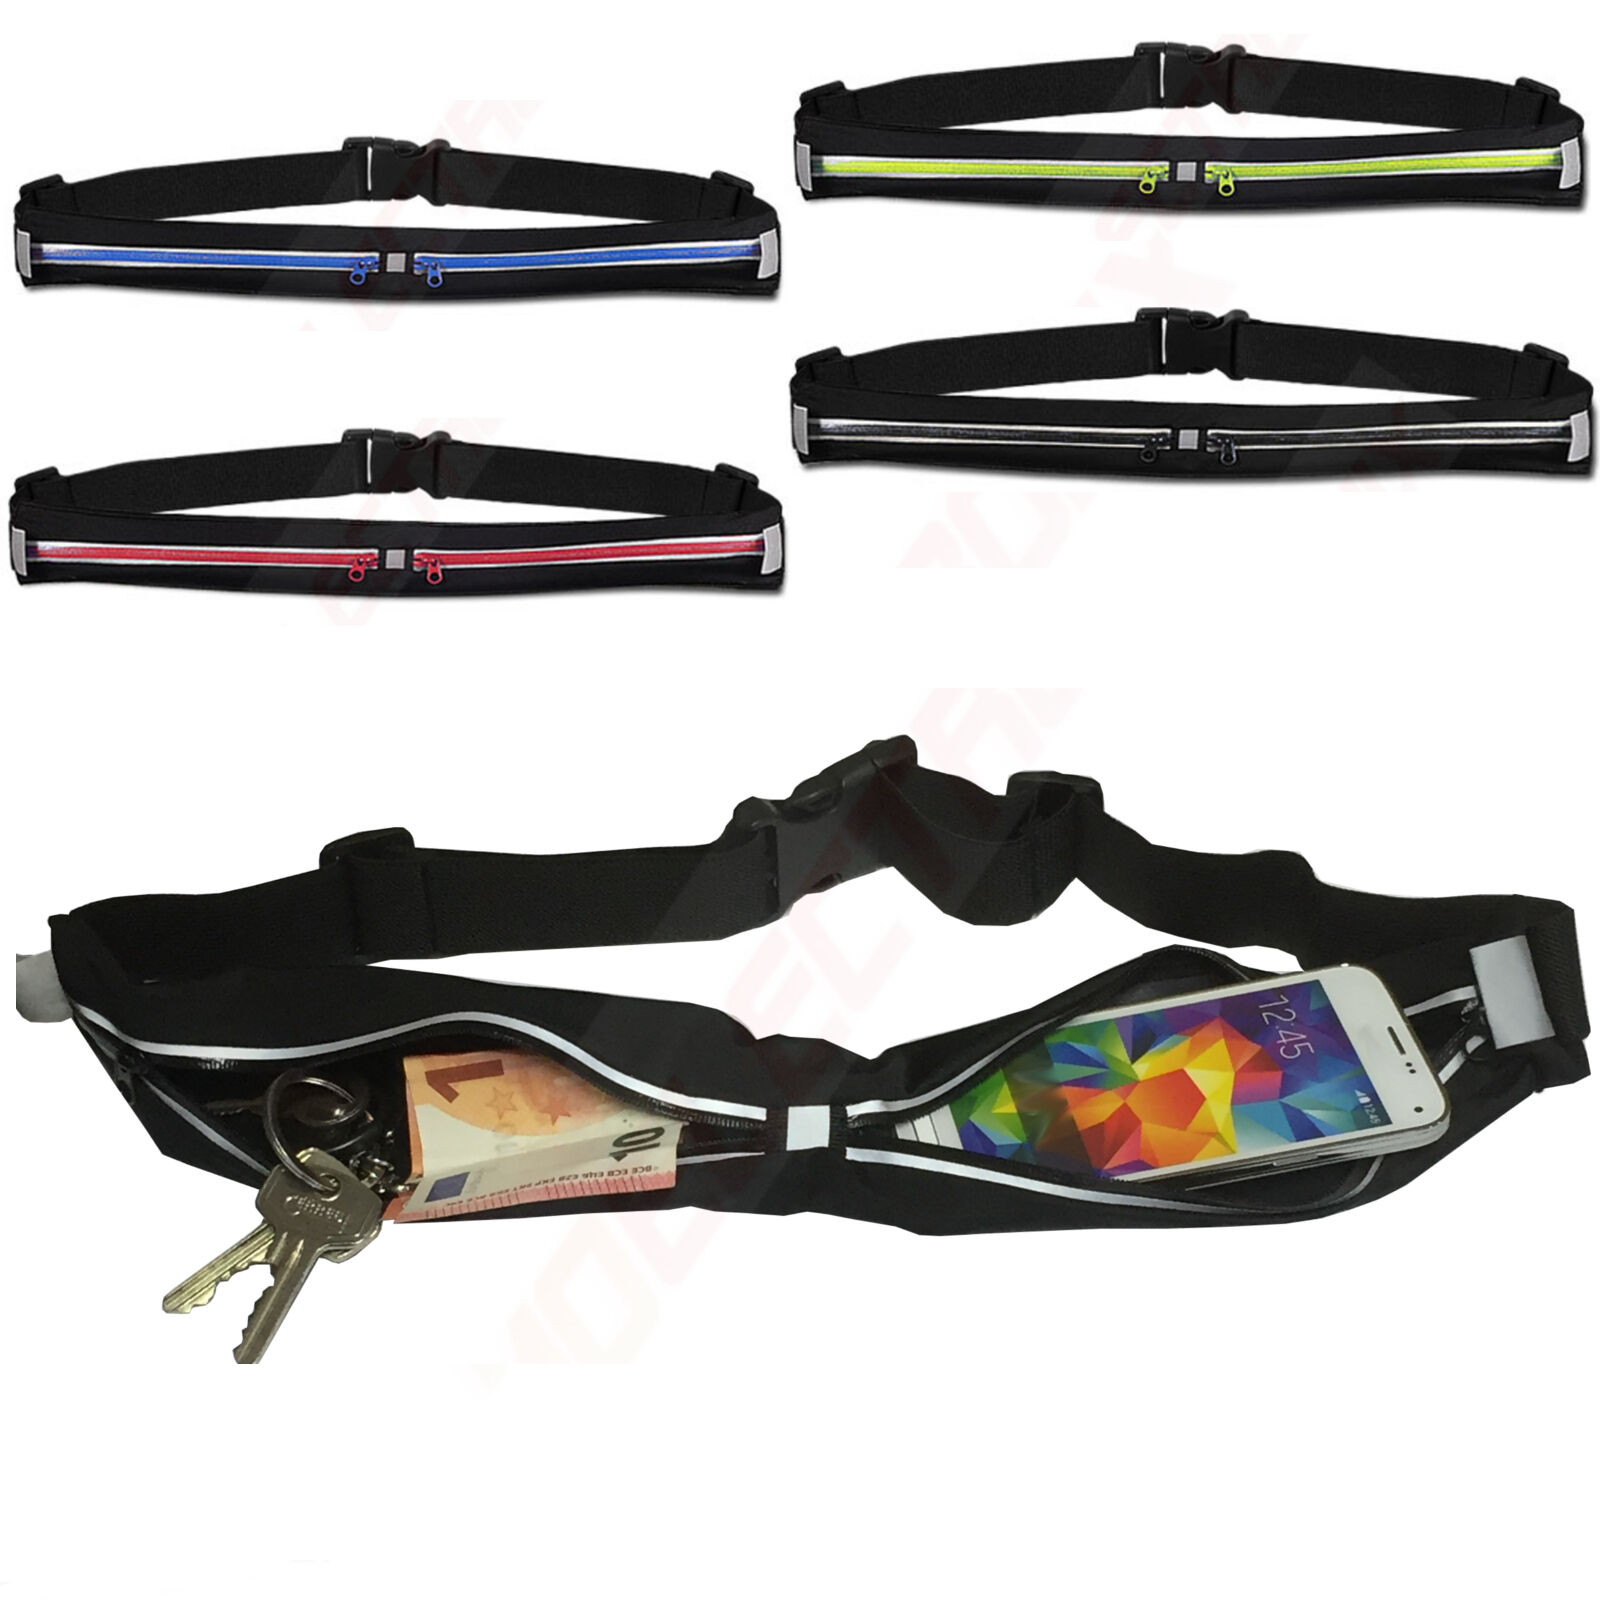 Sport Hüfttasche Handy Lauftasche Bauchtasche für Acer Liquid Z6 Plus Jade Z Z6 Bauch- & Gürteltaschen